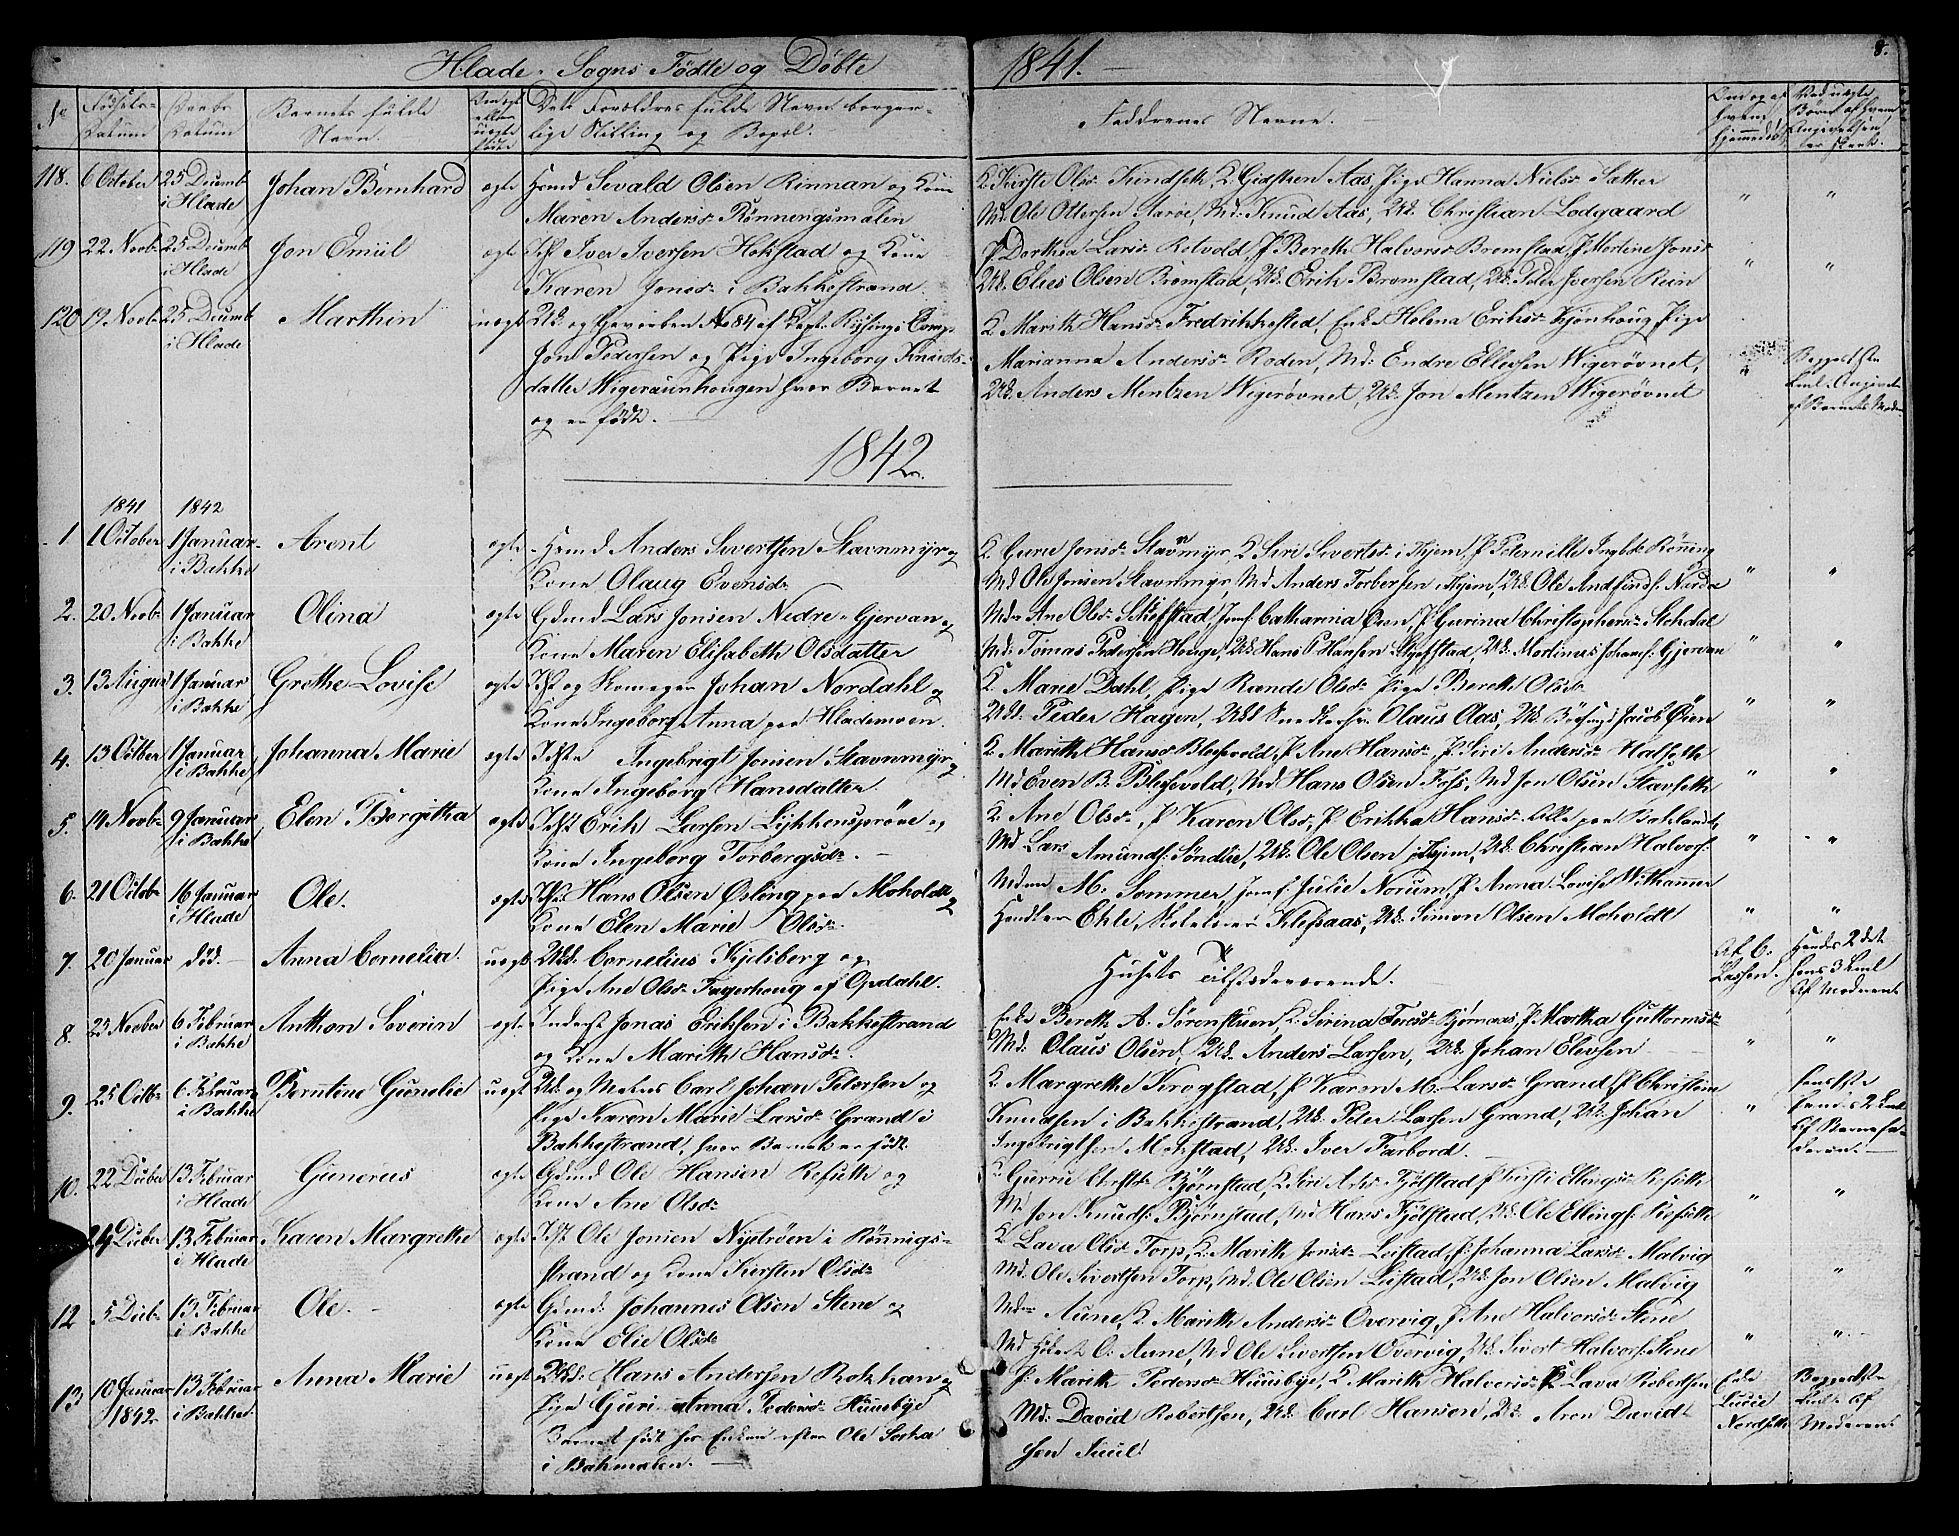 SAT, Ministerialprotokoller, klokkerbøker og fødselsregistre - Sør-Trøndelag, 606/L0309: Klokkerbok nr. 606C05, 1841-1849, s. 8